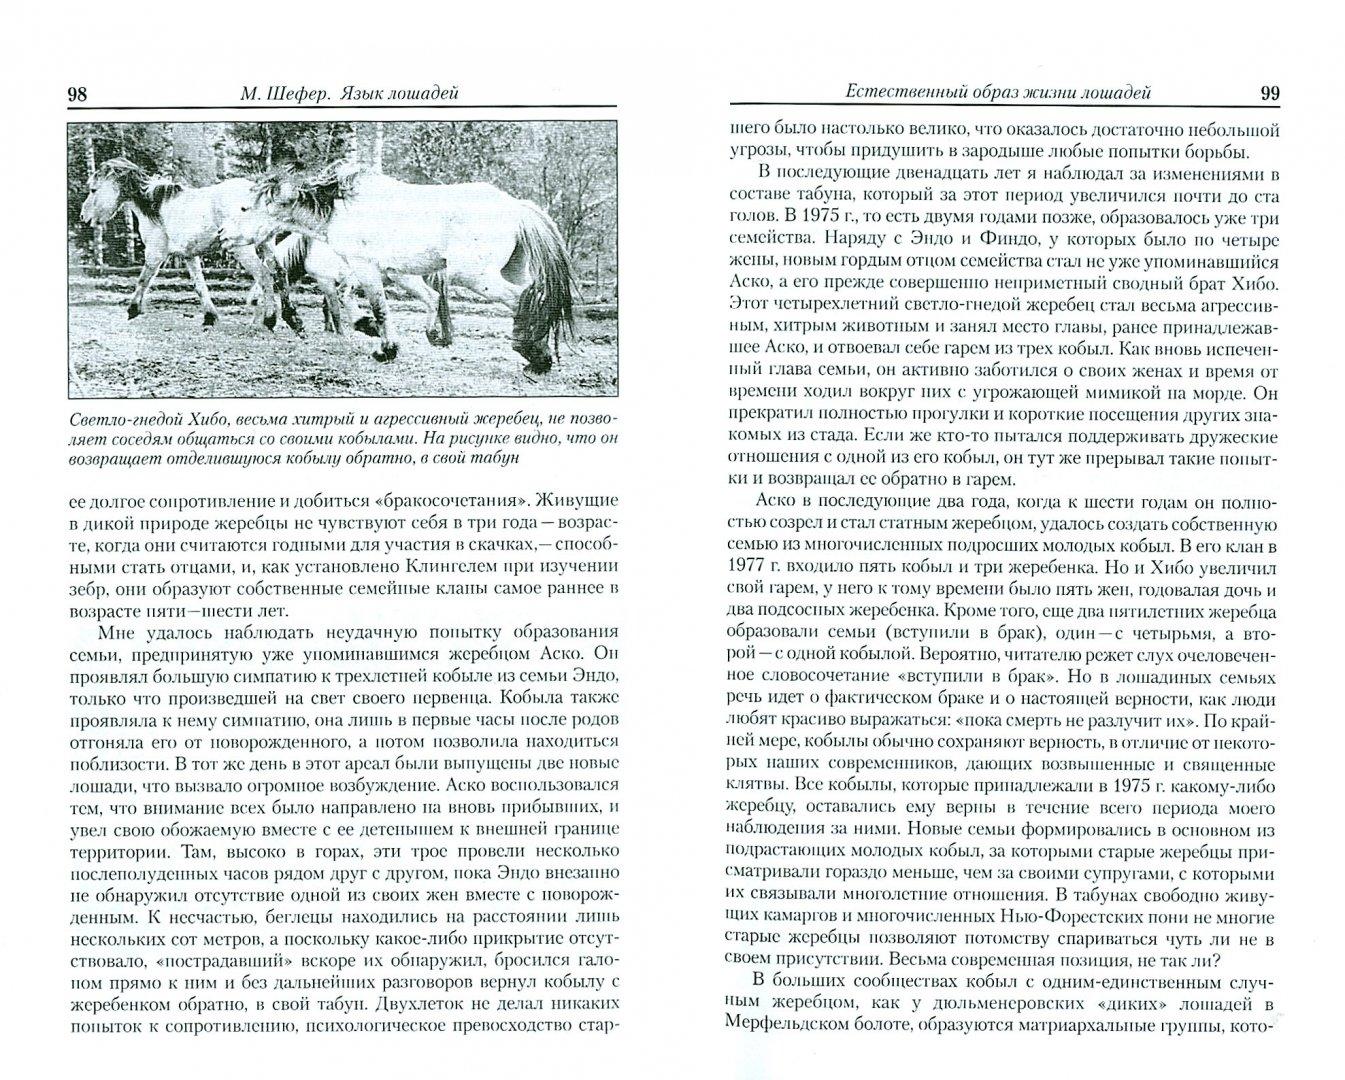 Иллюстрация 1 из 7 для Язык лошадей. Образ жизни, поведение, формы общения - Михаэль Шефер   Лабиринт - книги. Источник: Лабиринт